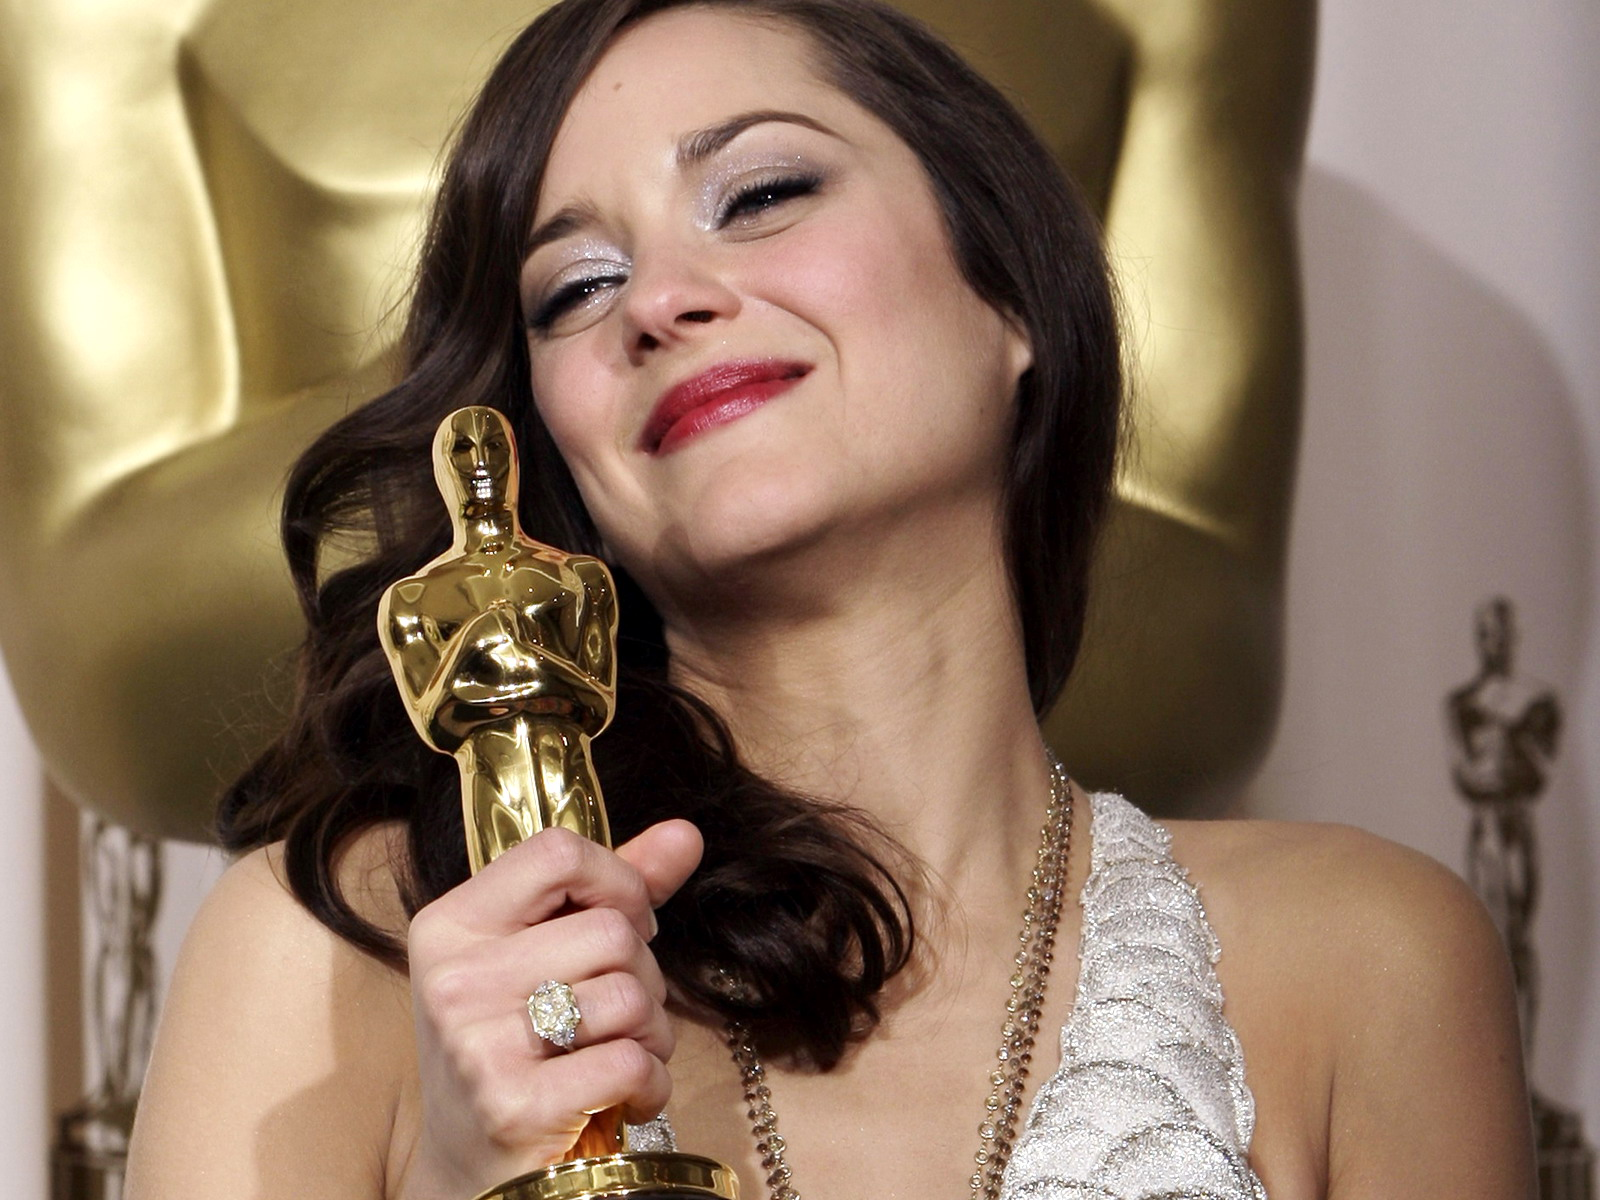 http://2.bp.blogspot.com/-rZs5iHML1-0/UAAyjiS0BSI/AAAAAAAAAis/5MAQ7rgg4B8/s1600/Marion-Cotillard-Celebrities-Wallpapers-1.jpg